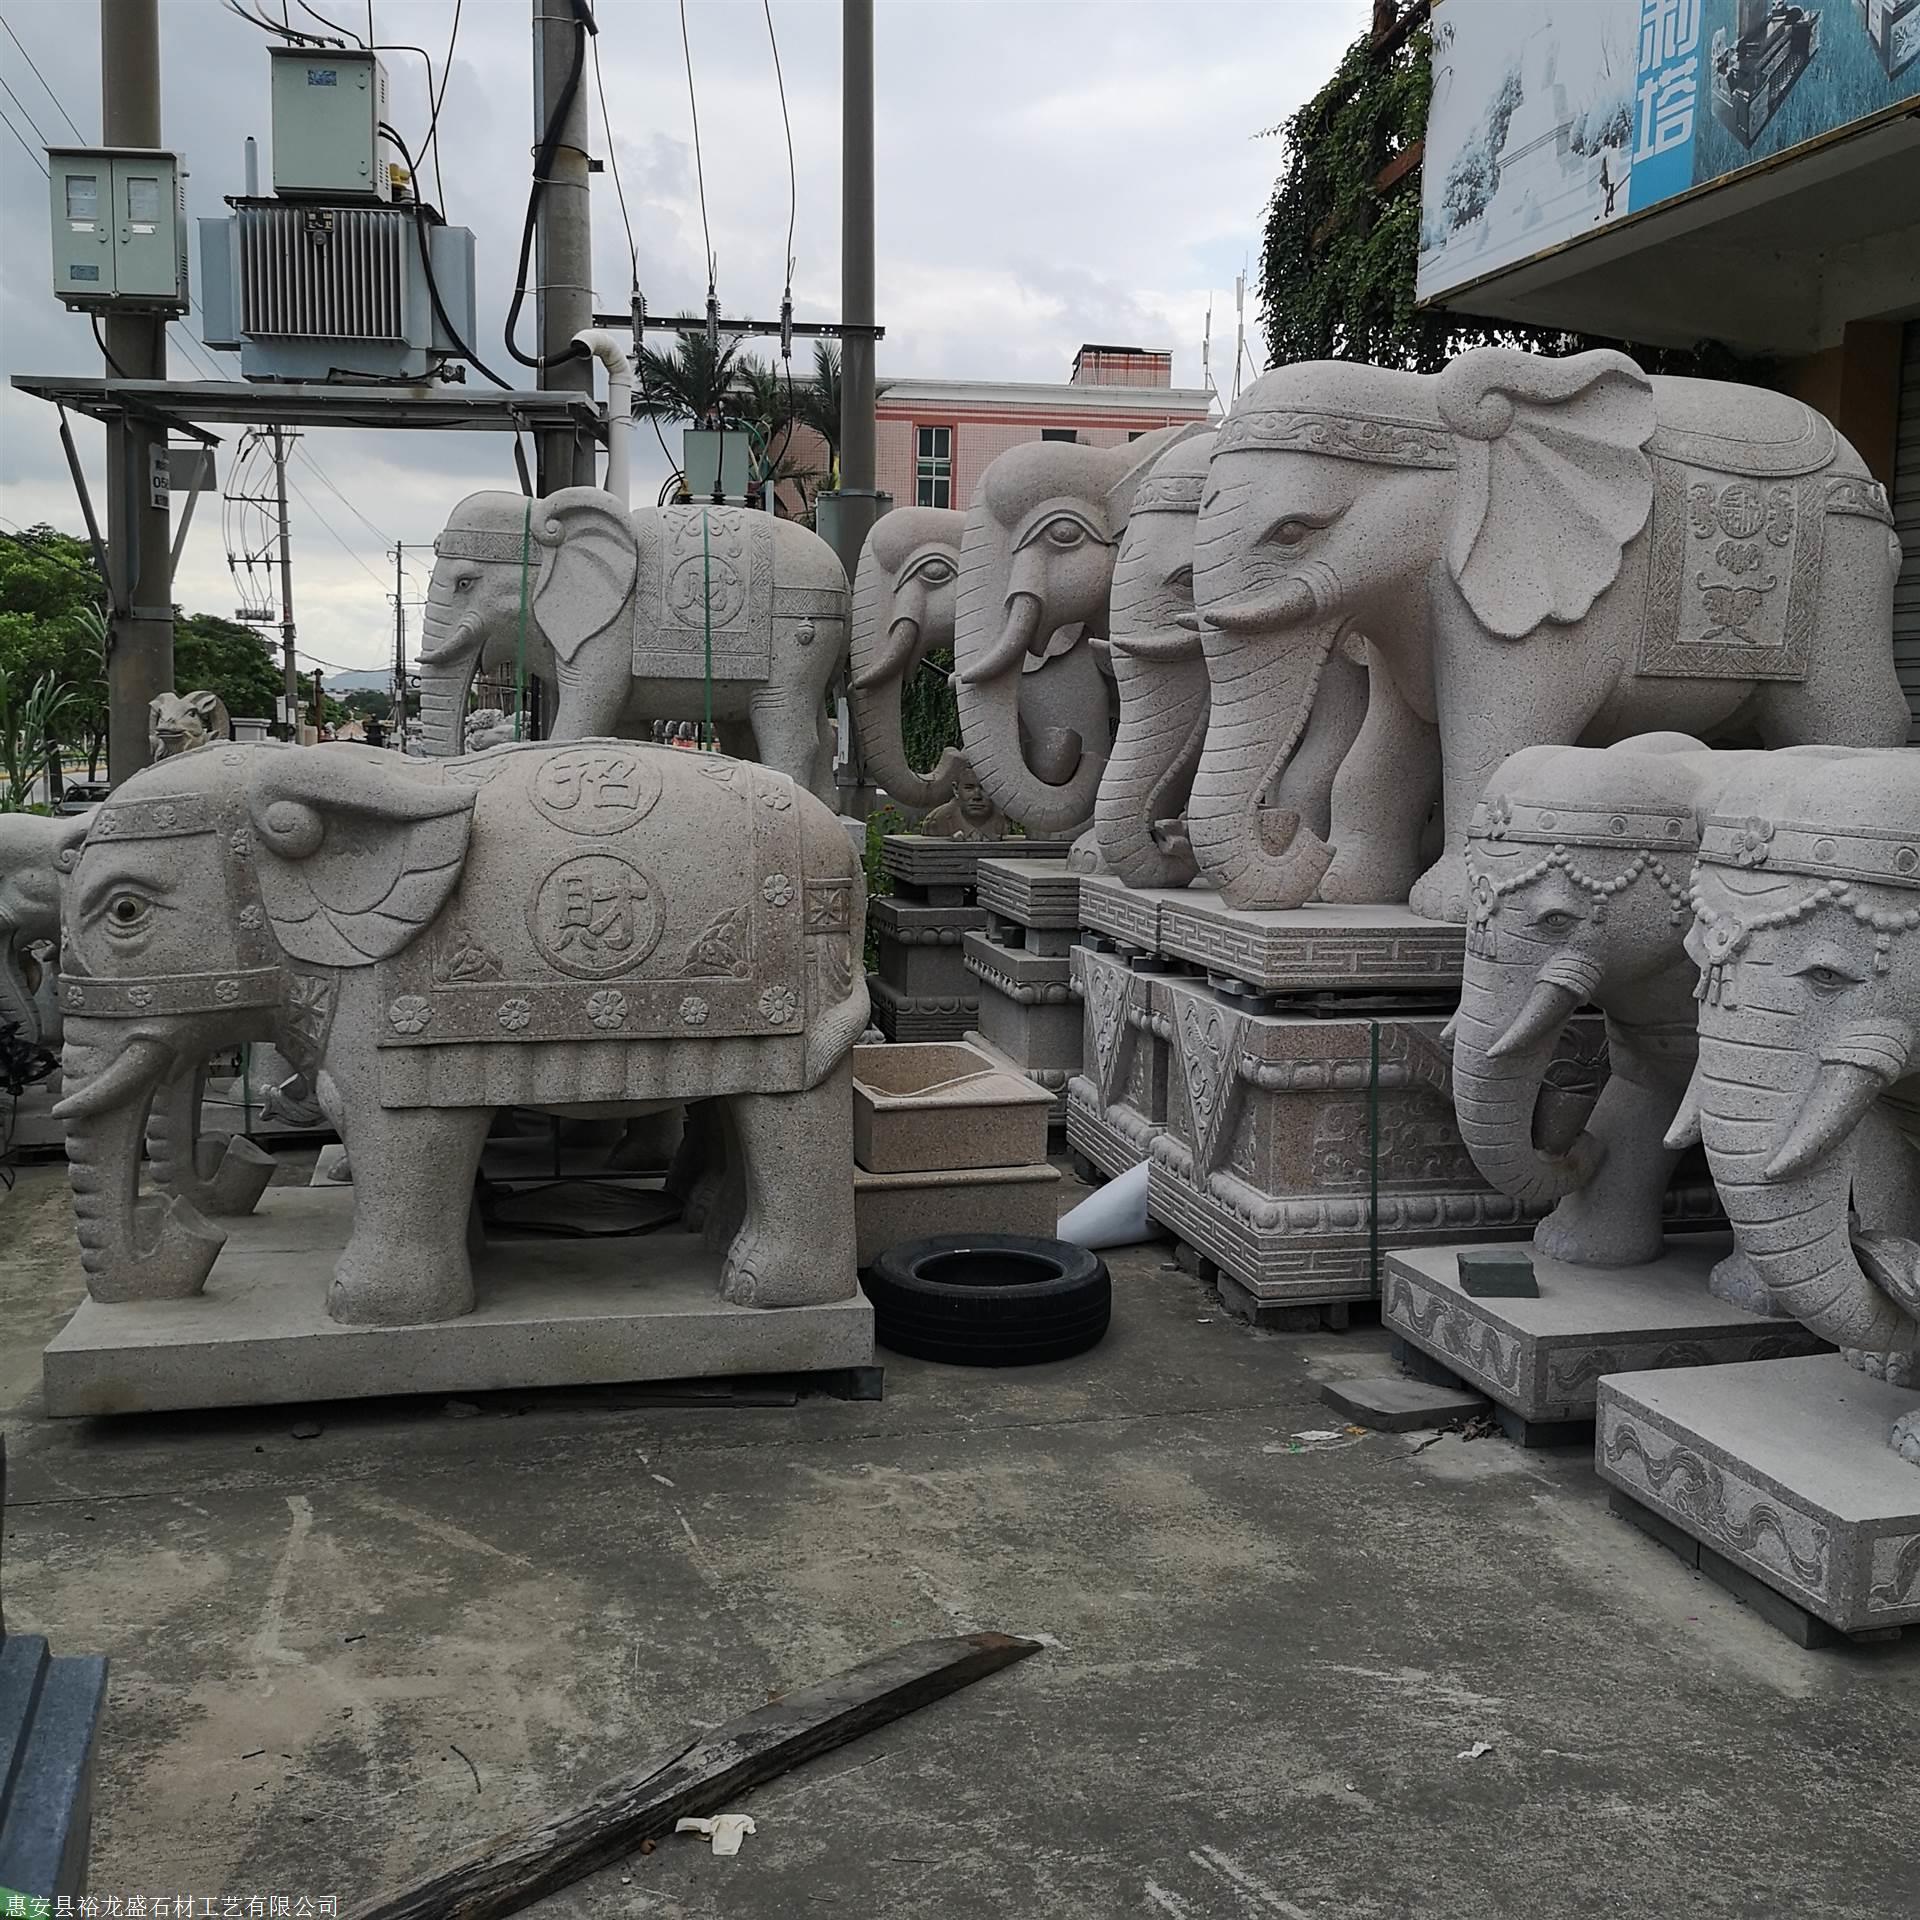 2.18米高绣石石雕大年夜象石大年夜象一对汉白玉大年夜象厂家定制石雕大年夜象厂家